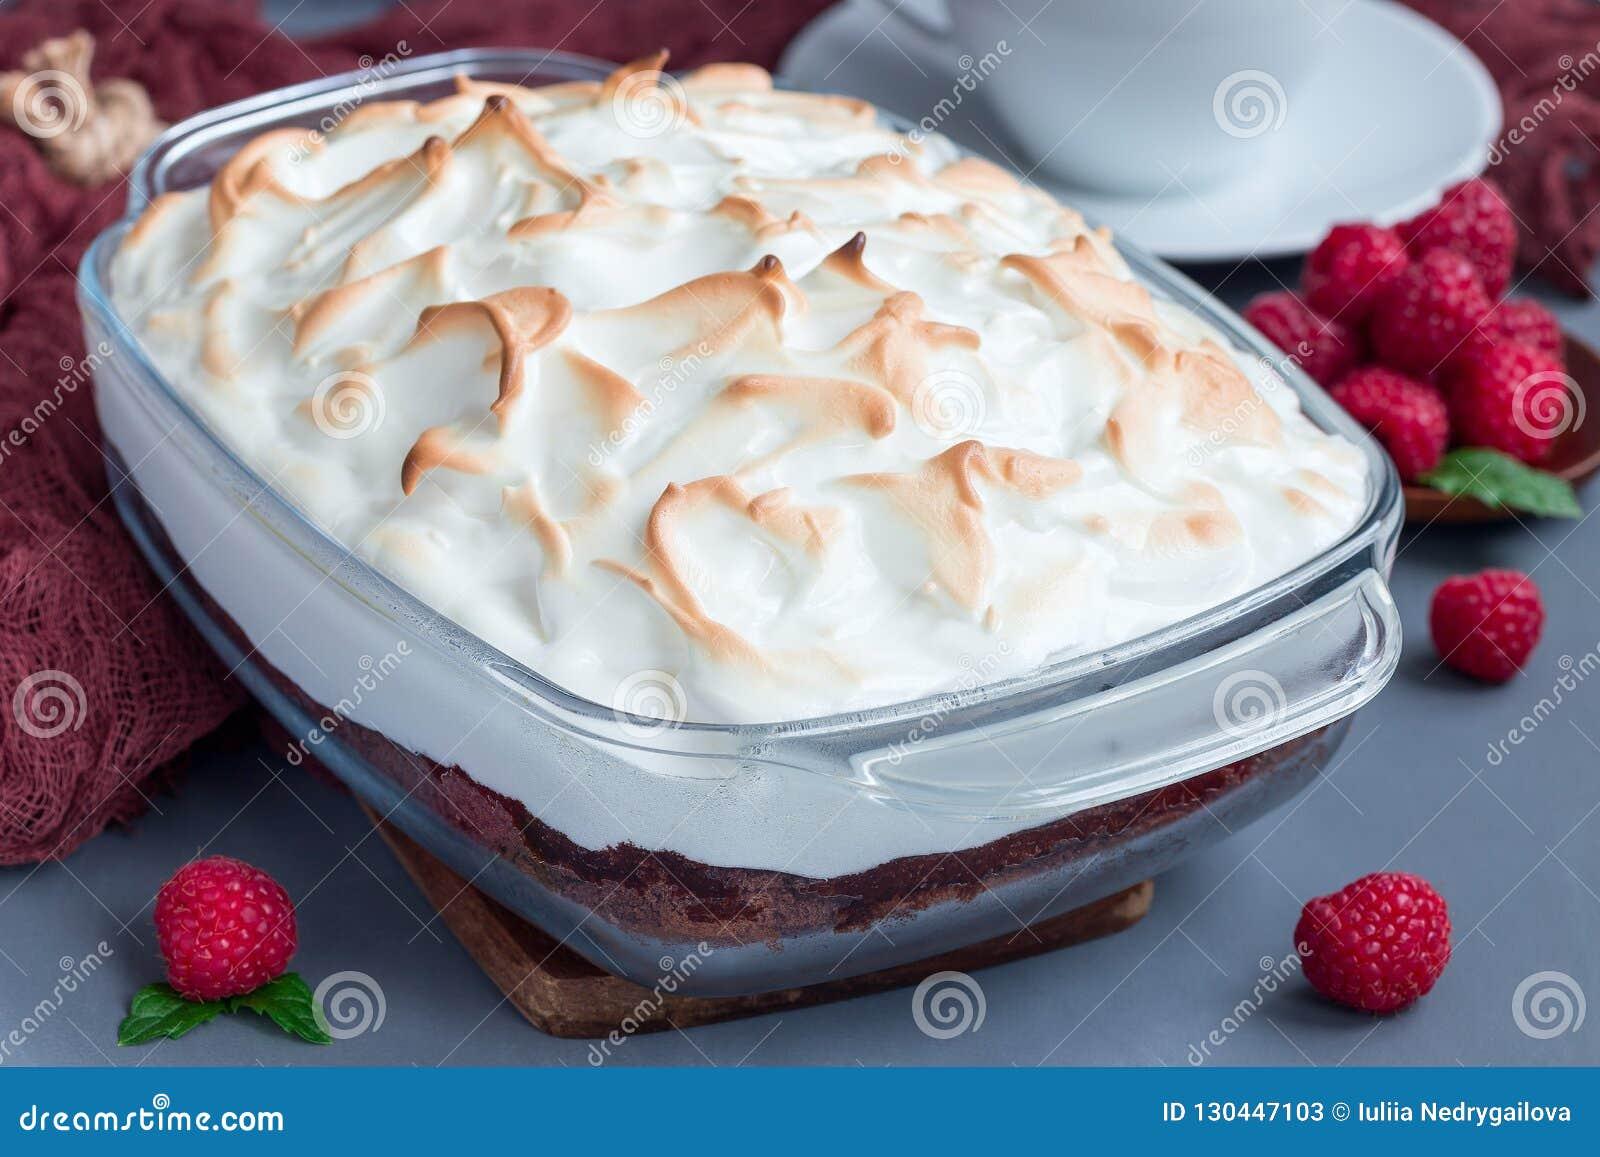 Gebackenes Alaska mit Schokoladenschwammkuchen, Himbeereiscreme und